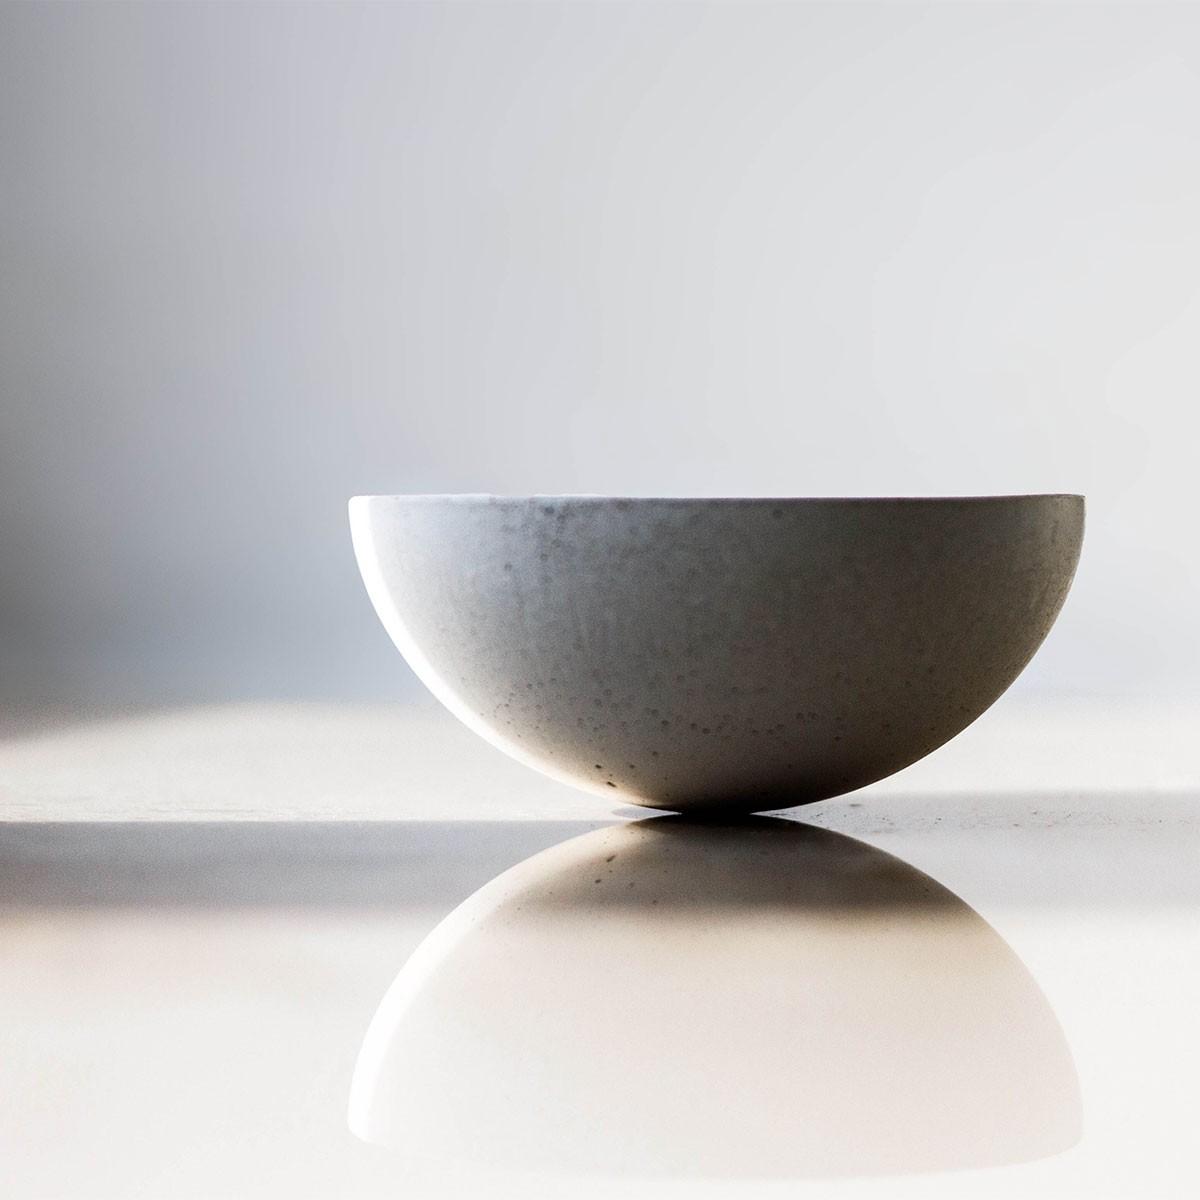 Teelichthalter Teelicht Ovisproducts No. 01 aus Beton